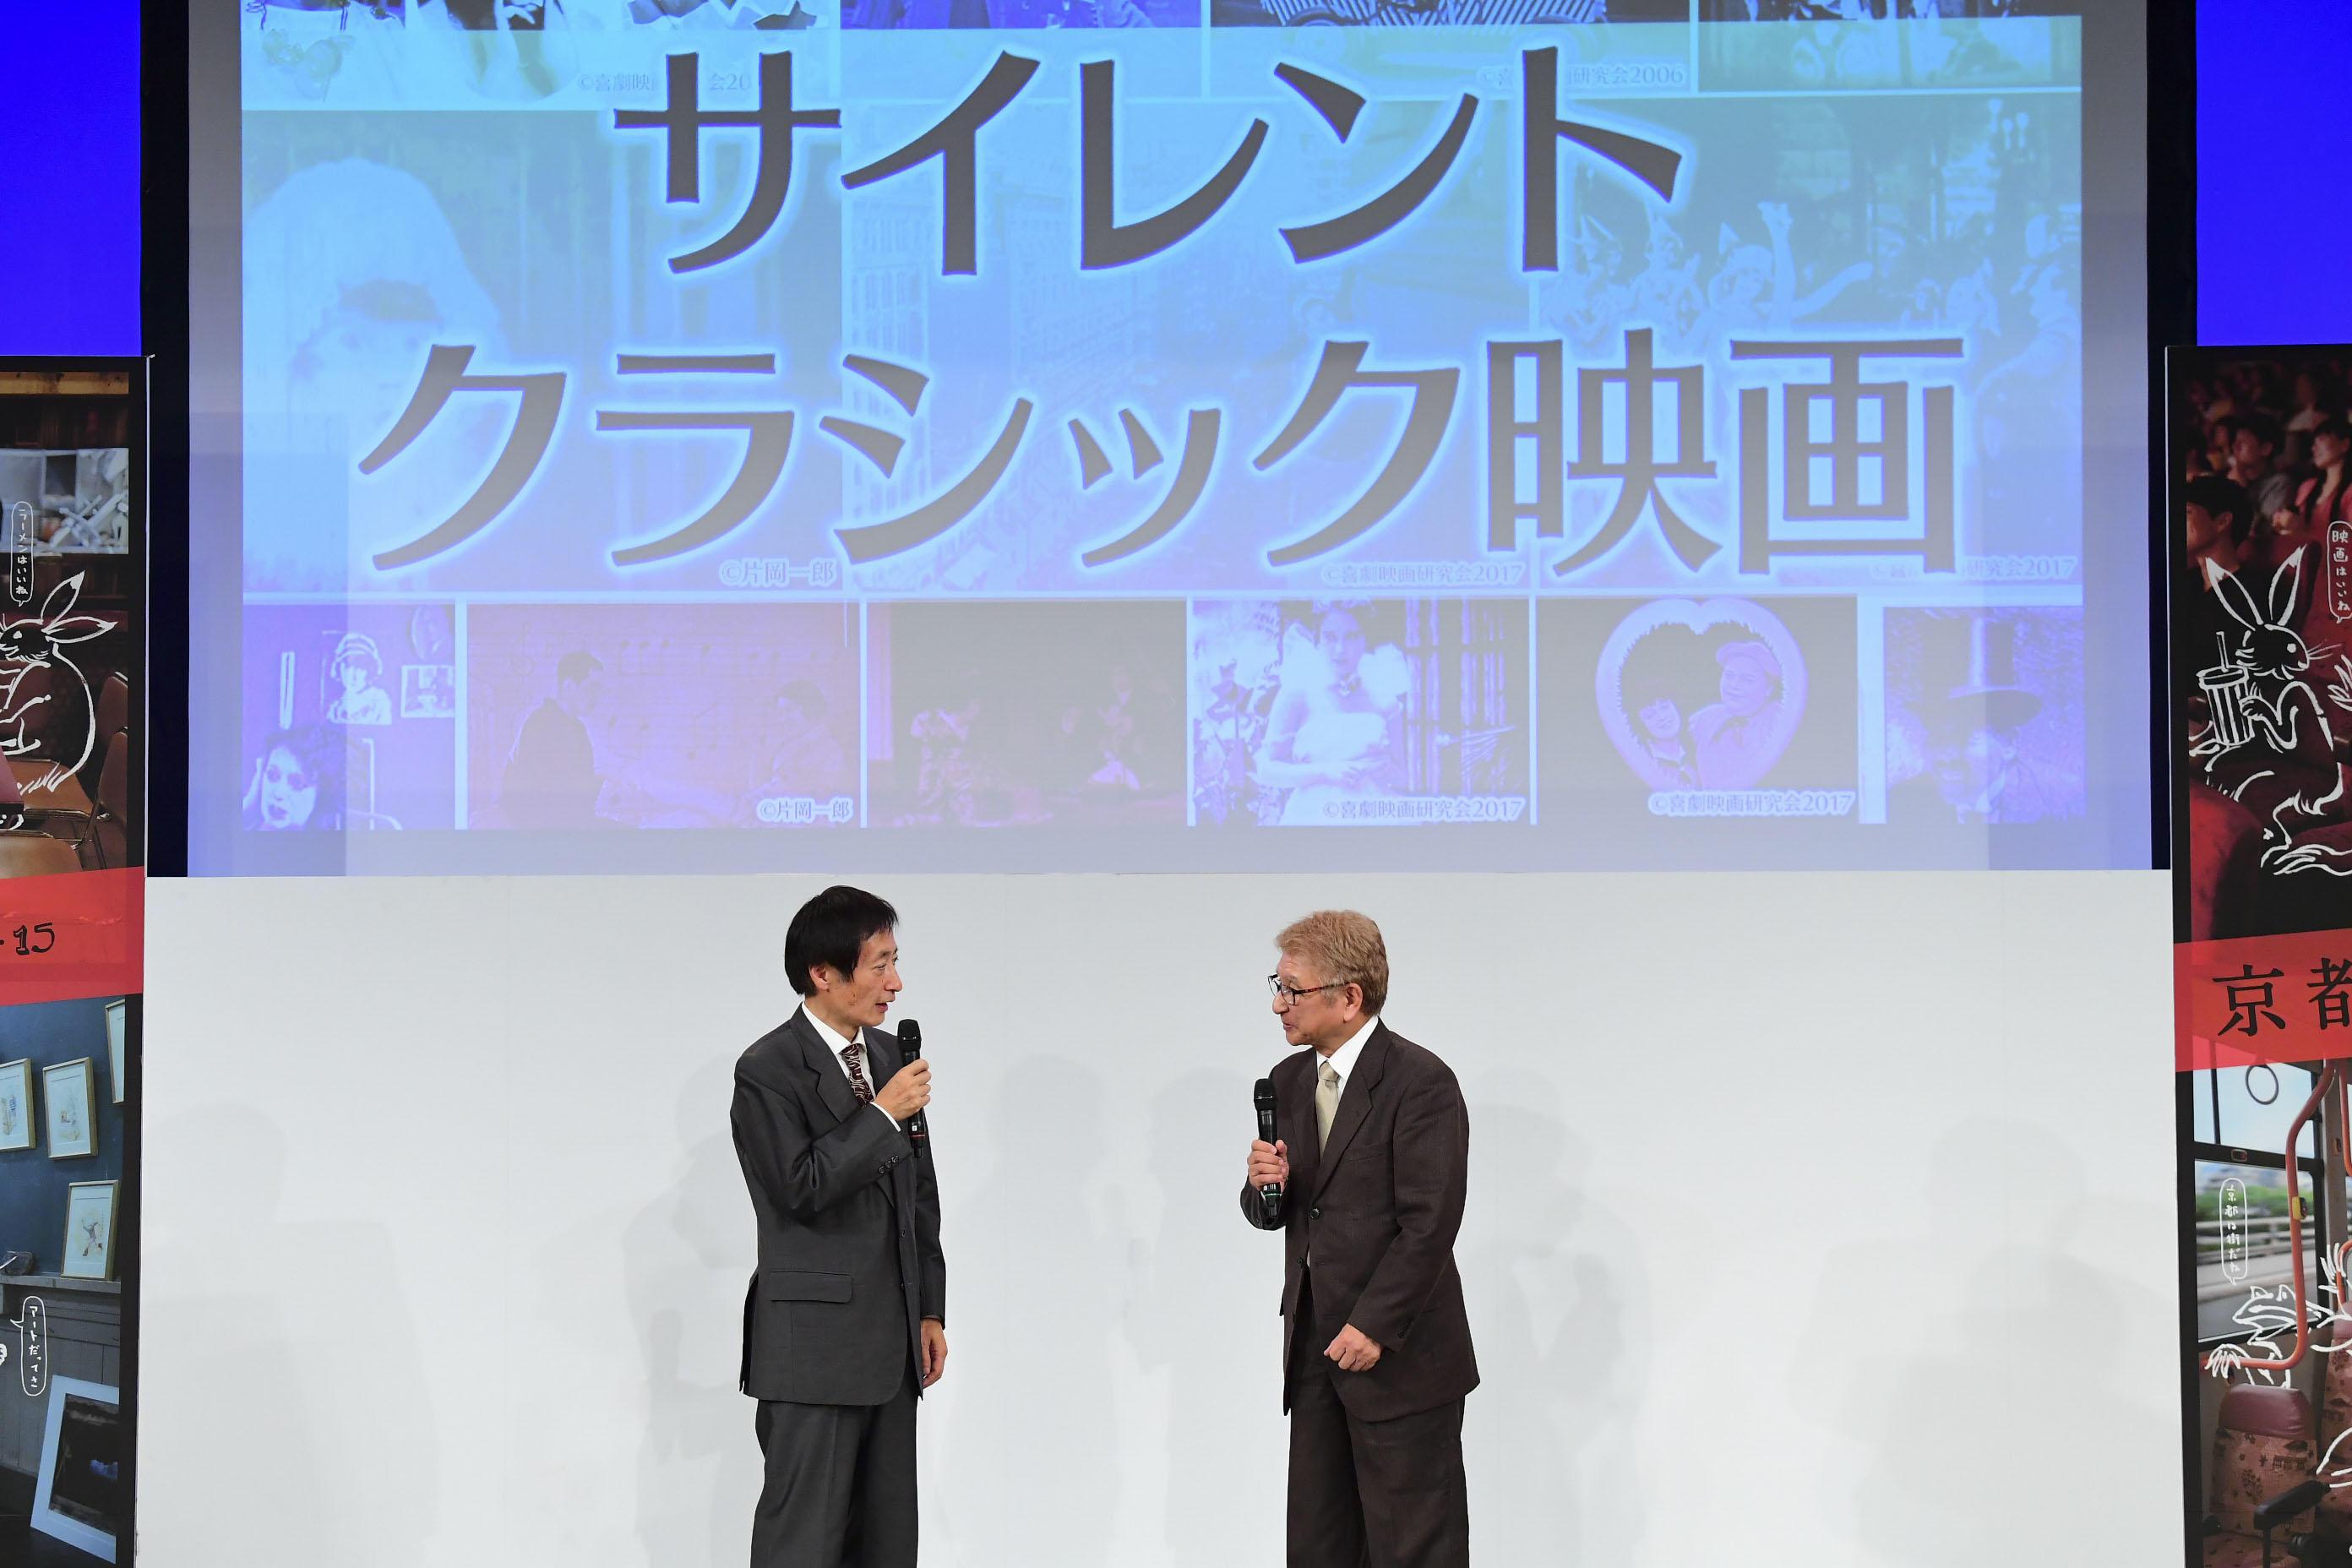 http://news.yoshimoto.co.jp/20170907004316-78f511e3fb7fa911bbafb38bc6e77db34f5c1977.jpg